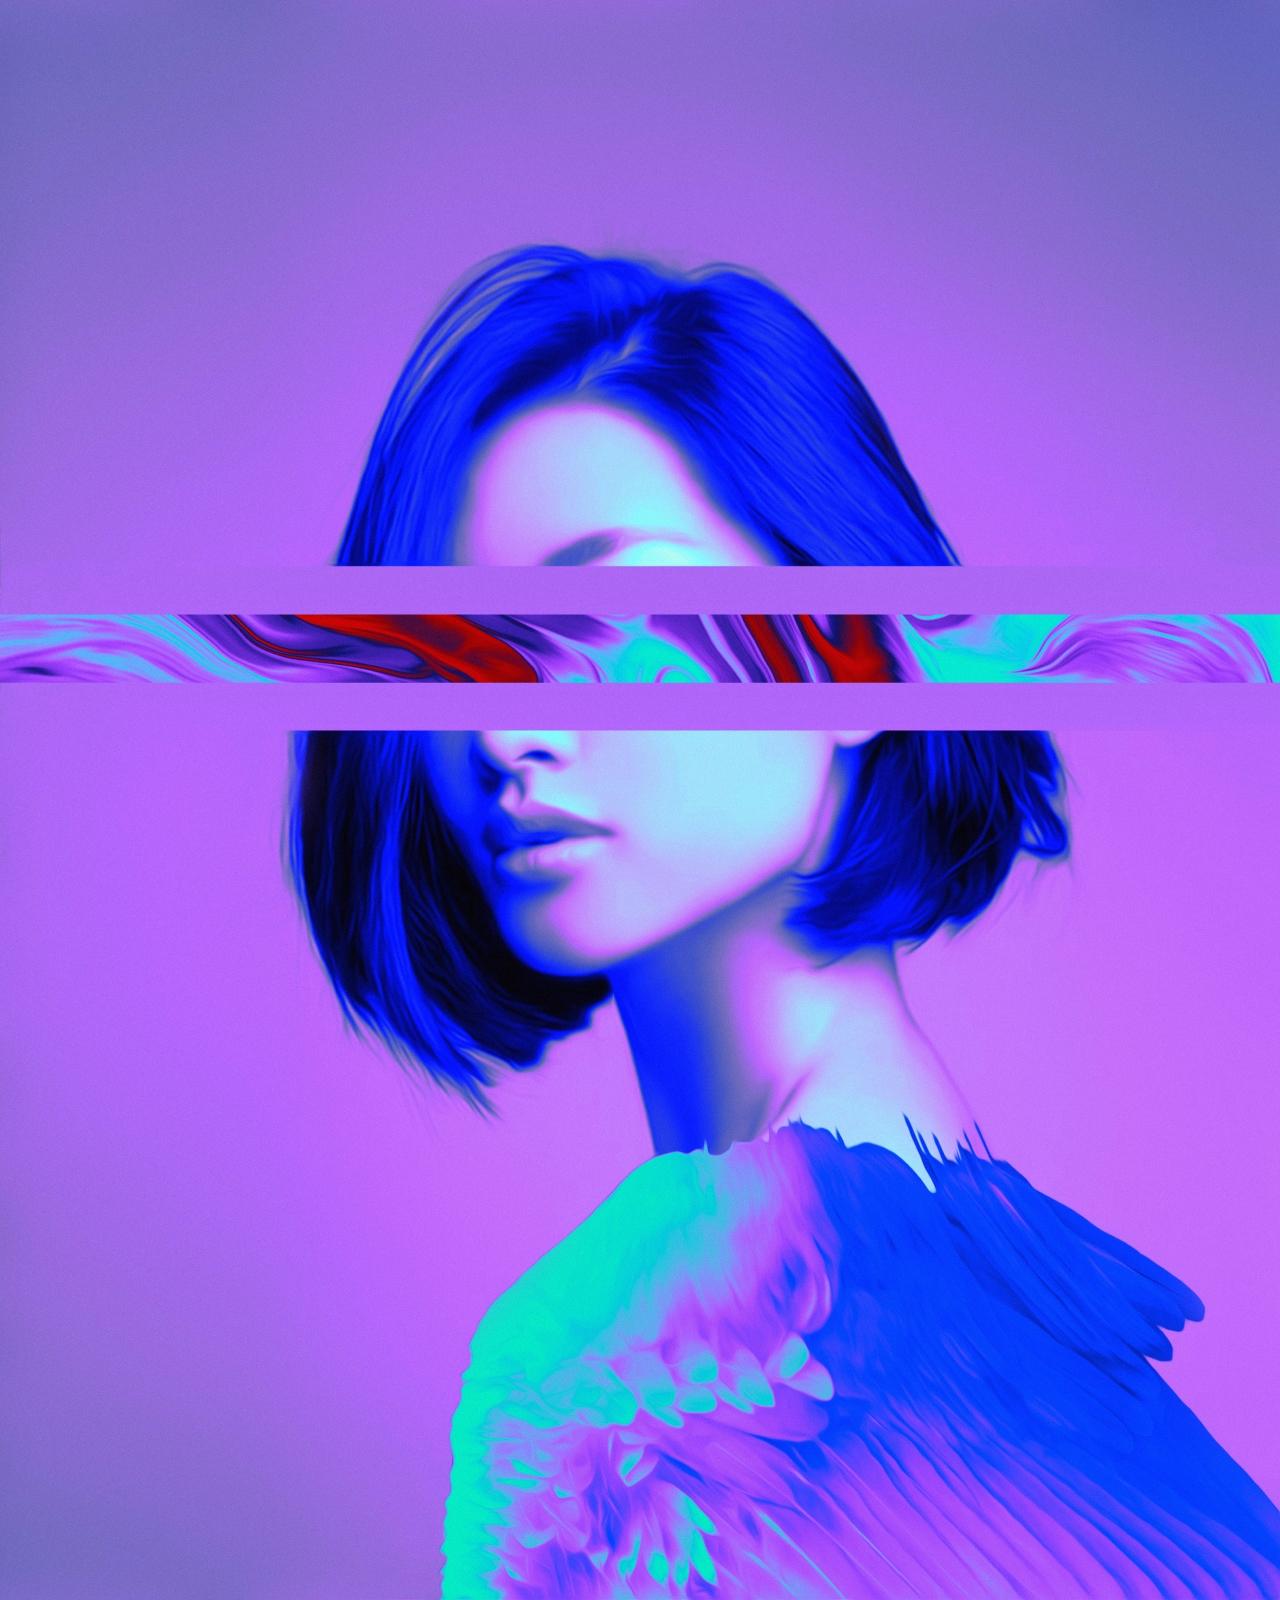 Dazern - digitalart, abstract, artdaily - dorianlegret   ello